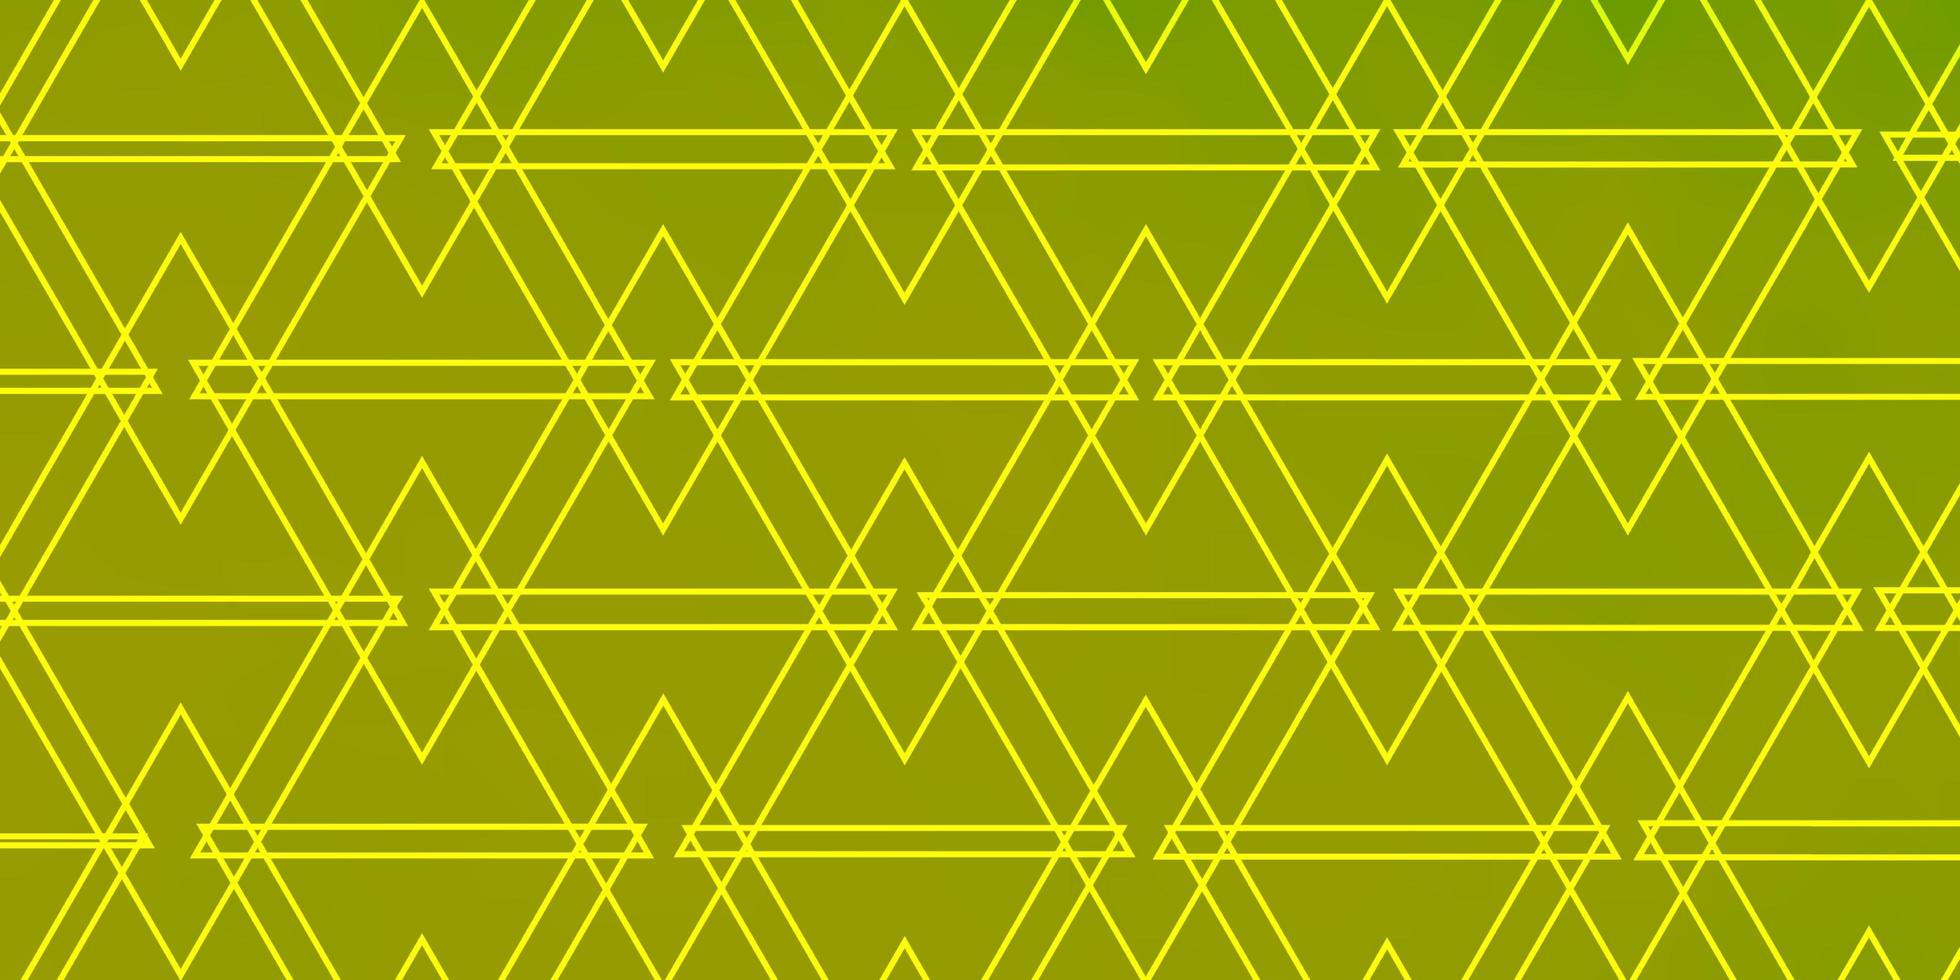 fond vert et jaune avec des triangles. vecteur